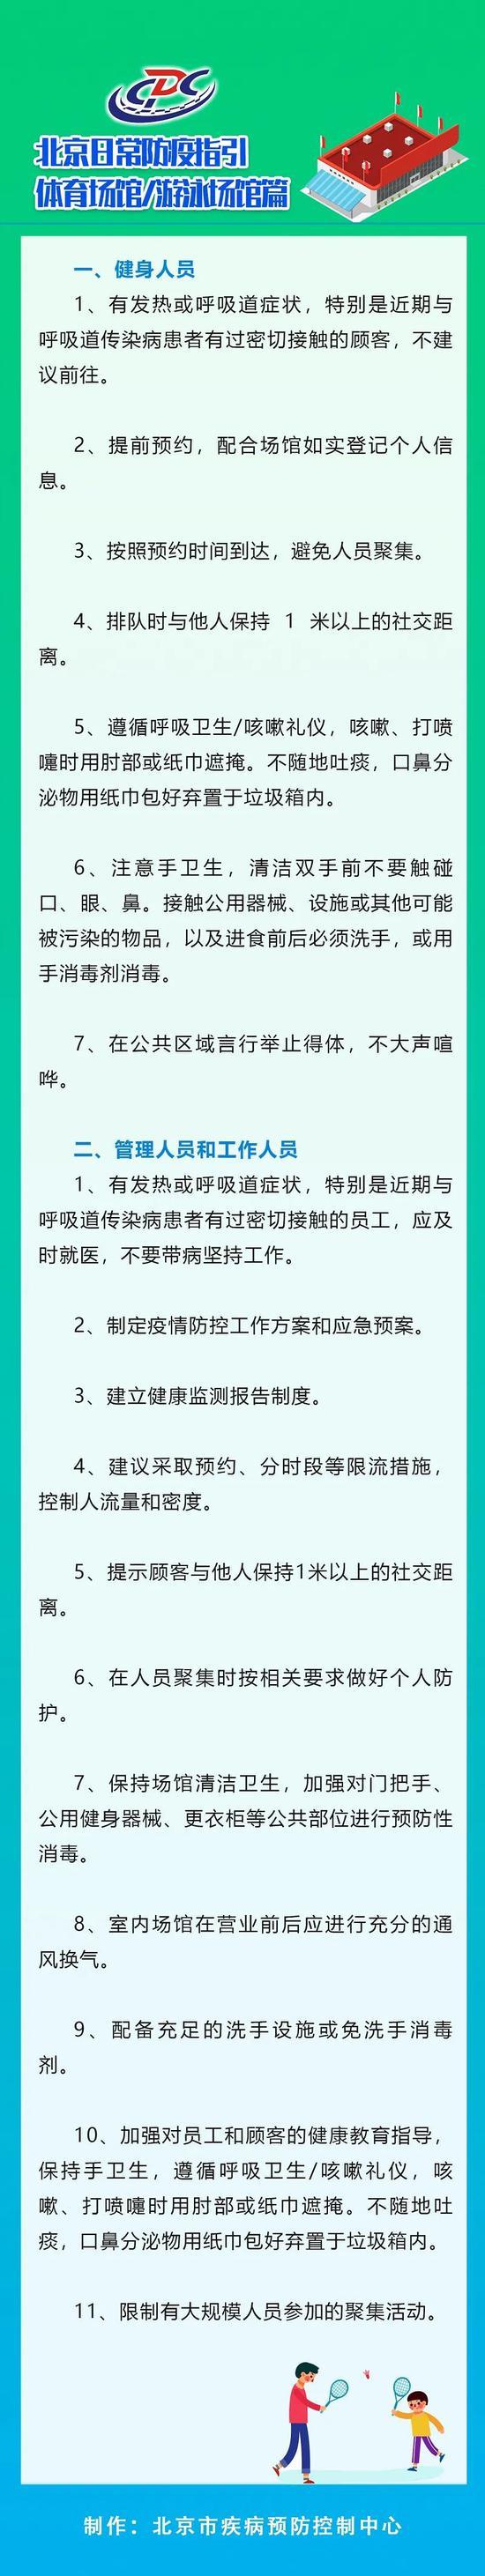 北京疾控:体育馆游泳馆要限制有大规模人员参加的聚集活动图片